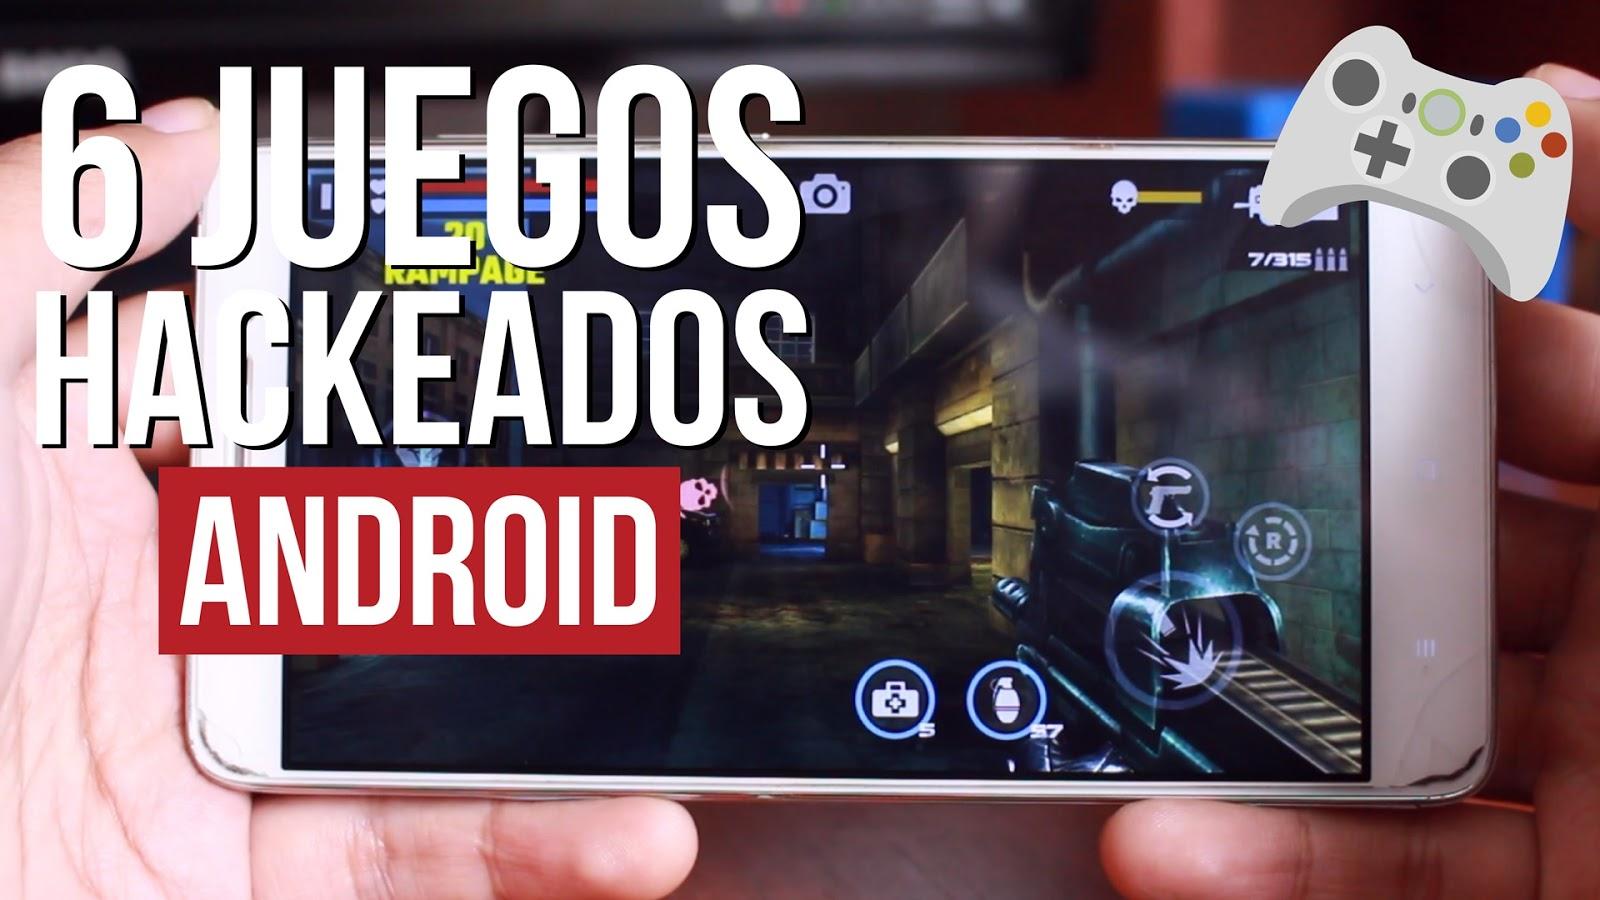 Mejores Juegos Hackeados Para Android 2017 Peatix